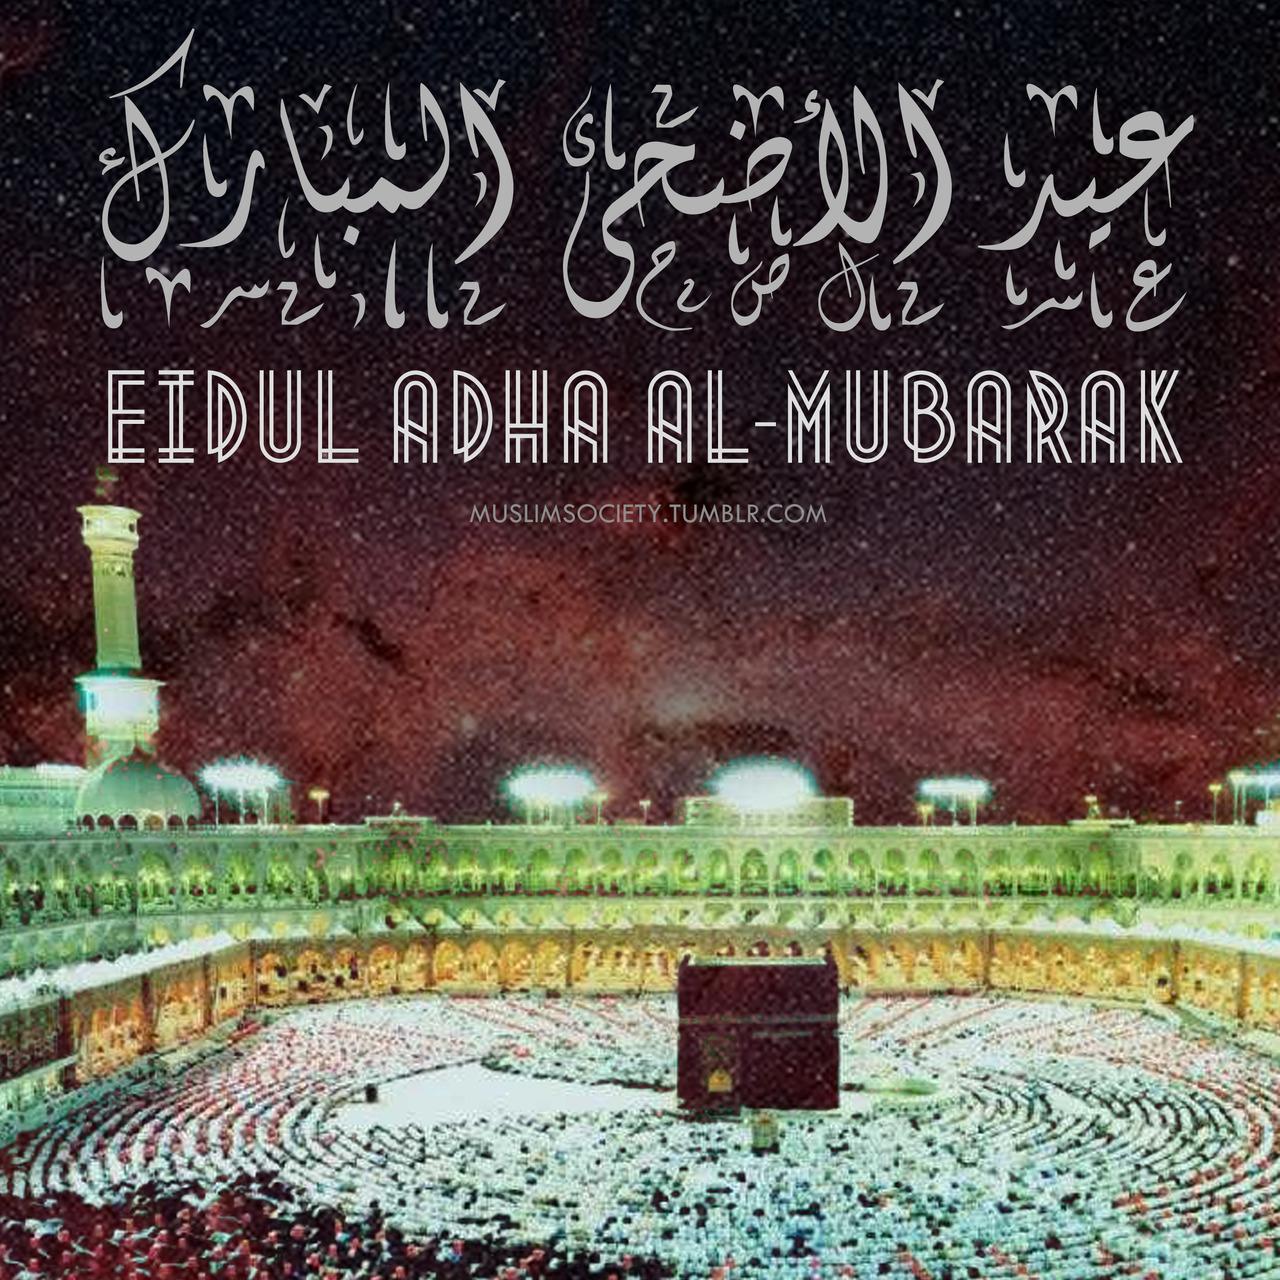 Eid Ul Adha card